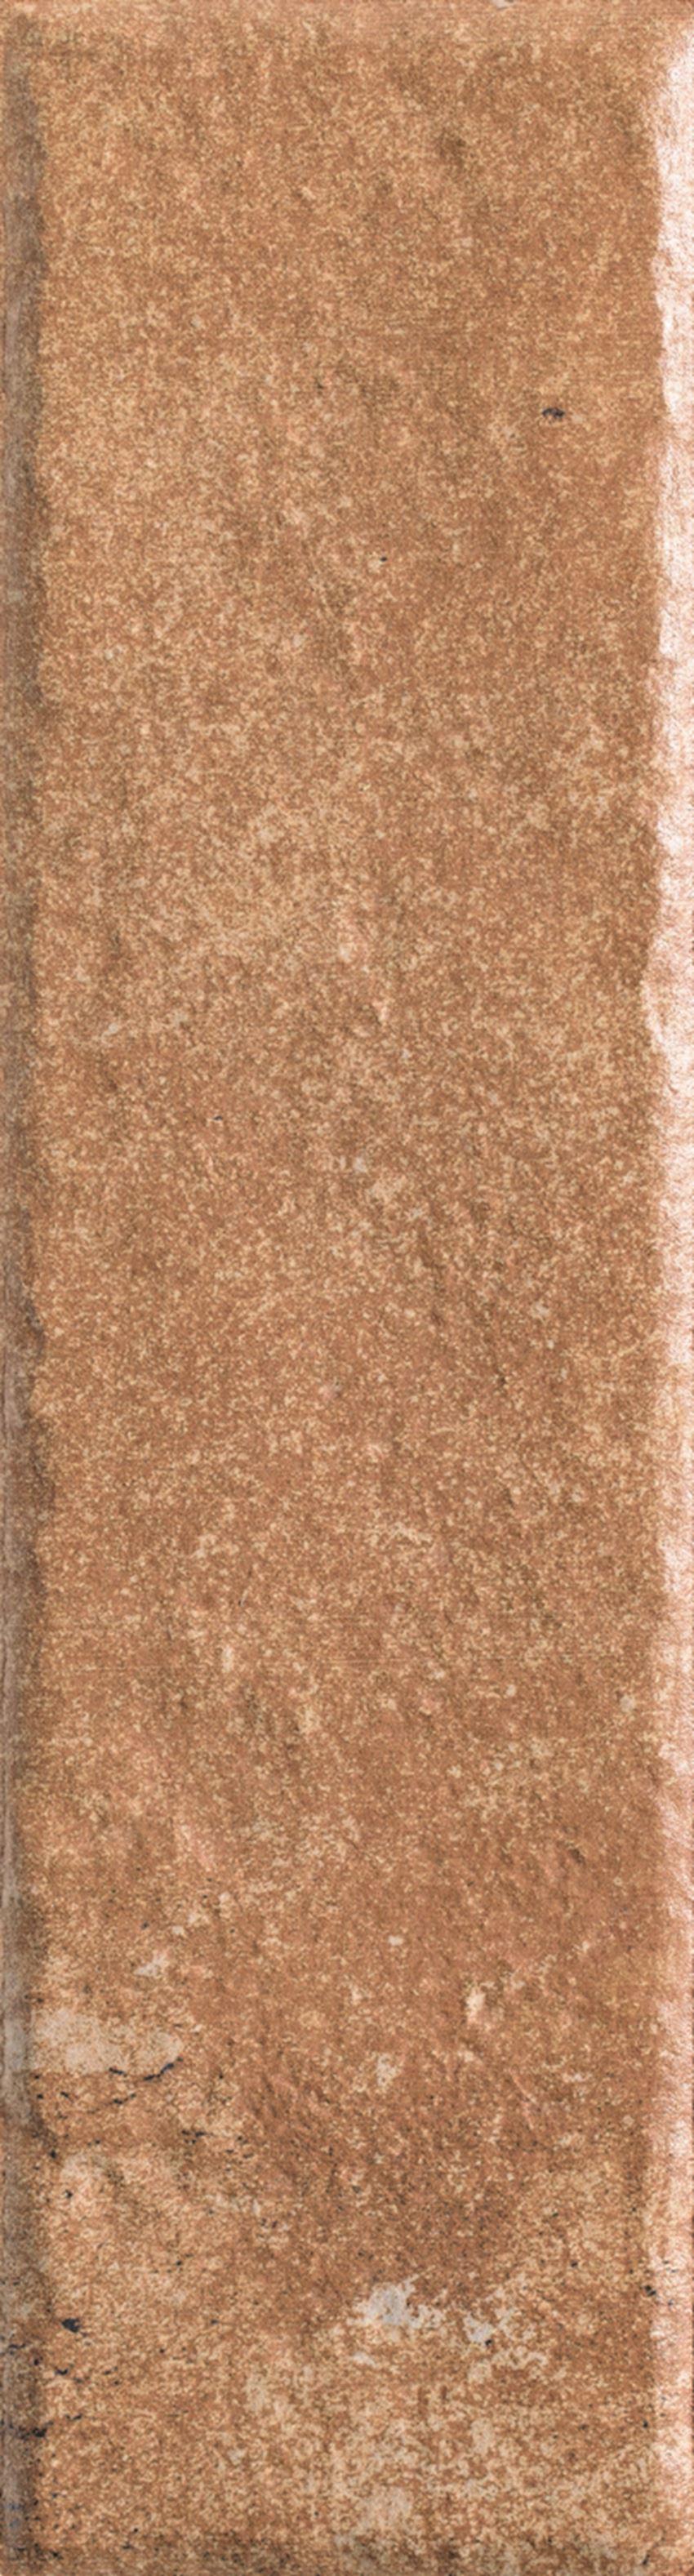 Płytka elewacyjna 6,6x24,5 cm Paradyż Scandiano Rosso Elewacja 24,5X6,6